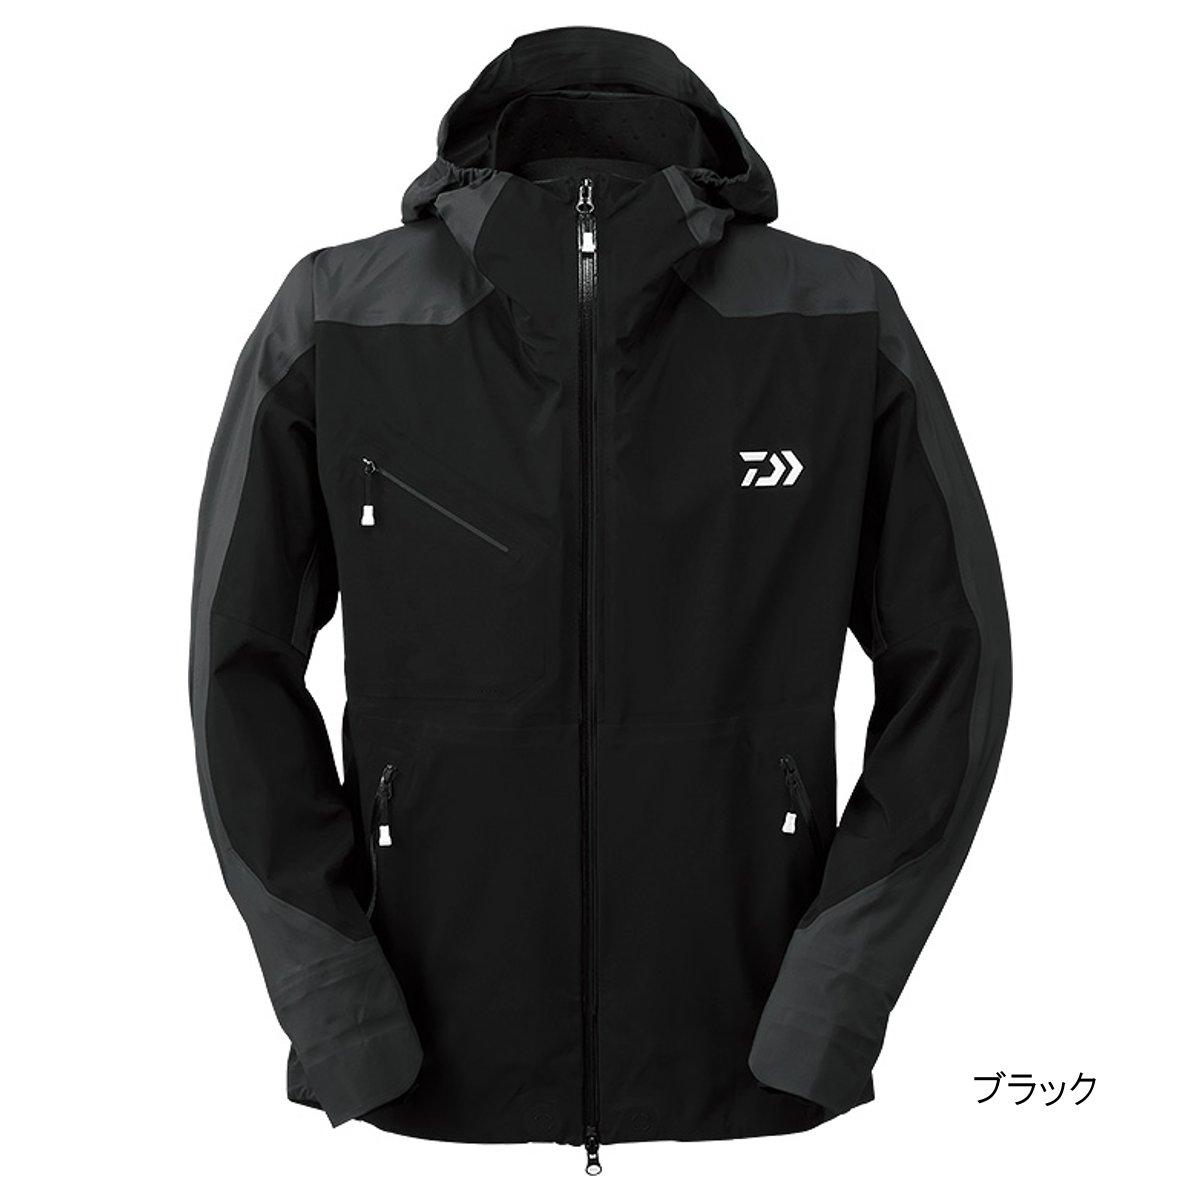 ダイワ ポーラテック ネオシェル ハイブリッドレインジャケット DR-20009J L ブラック(東日本店)